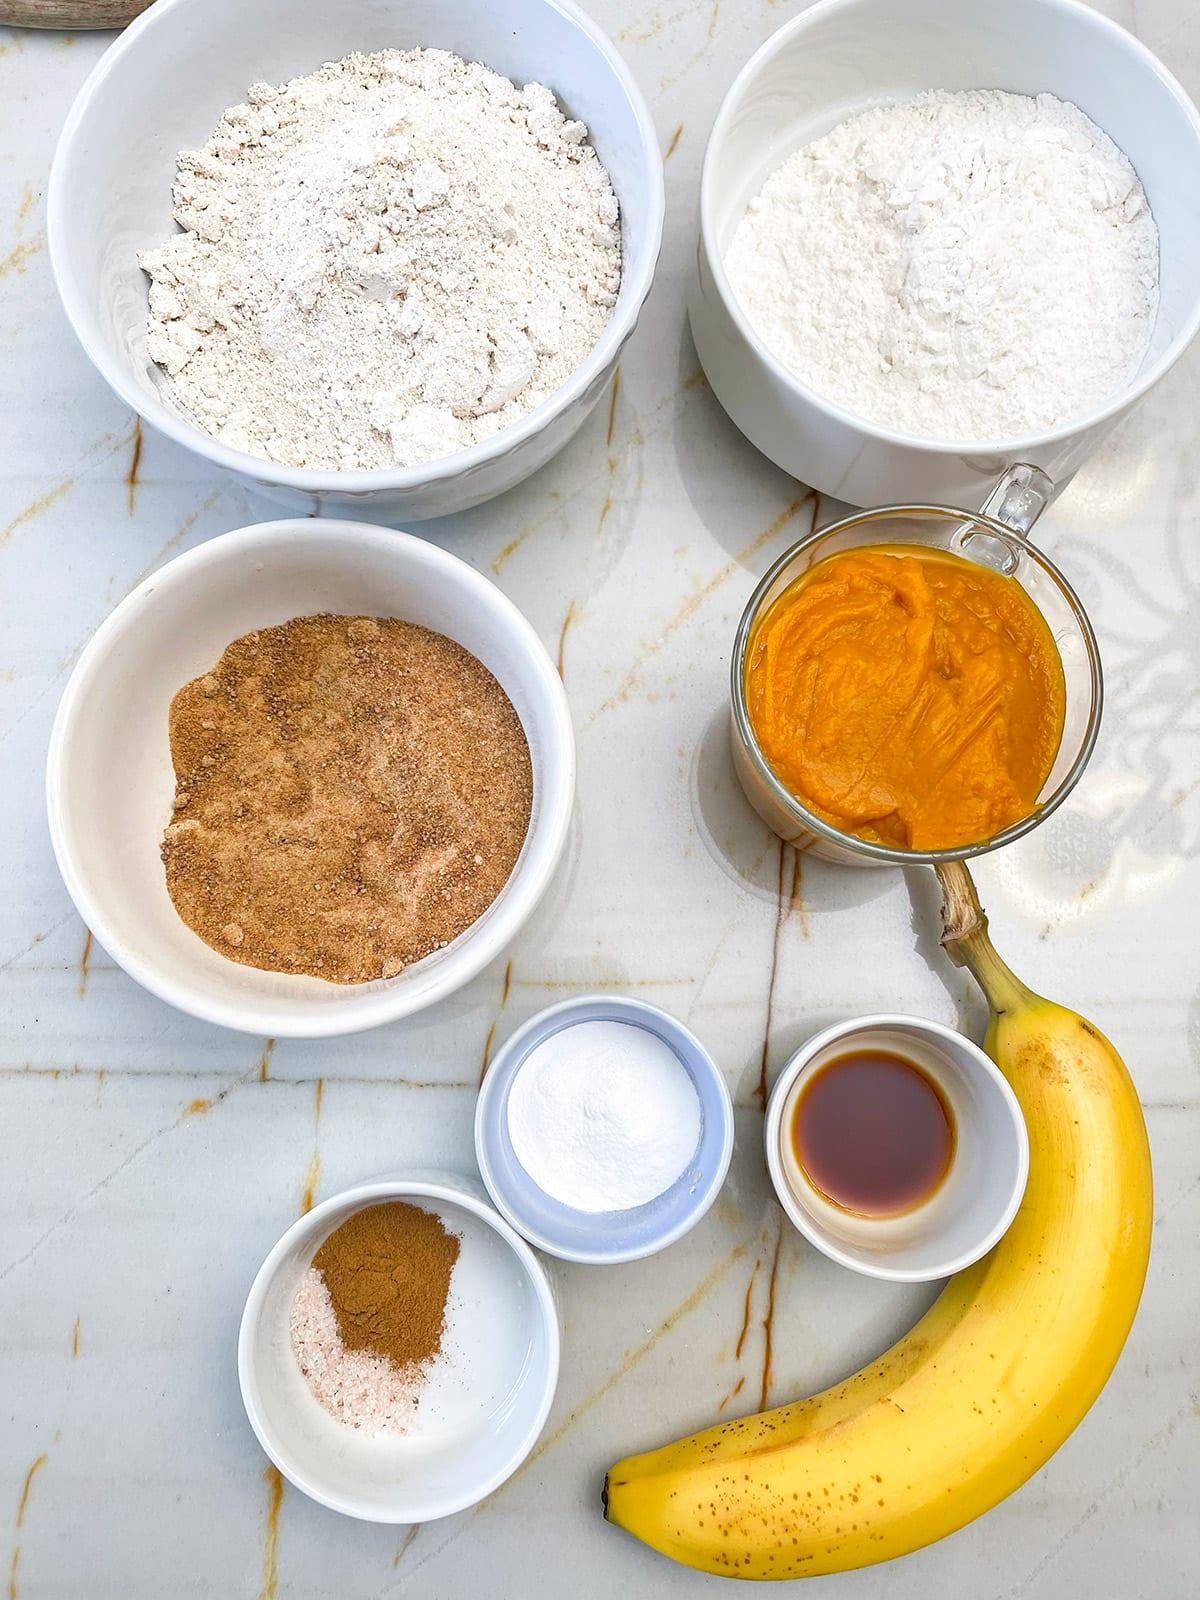 Pumpkin pull-apart ingredients on a beige background